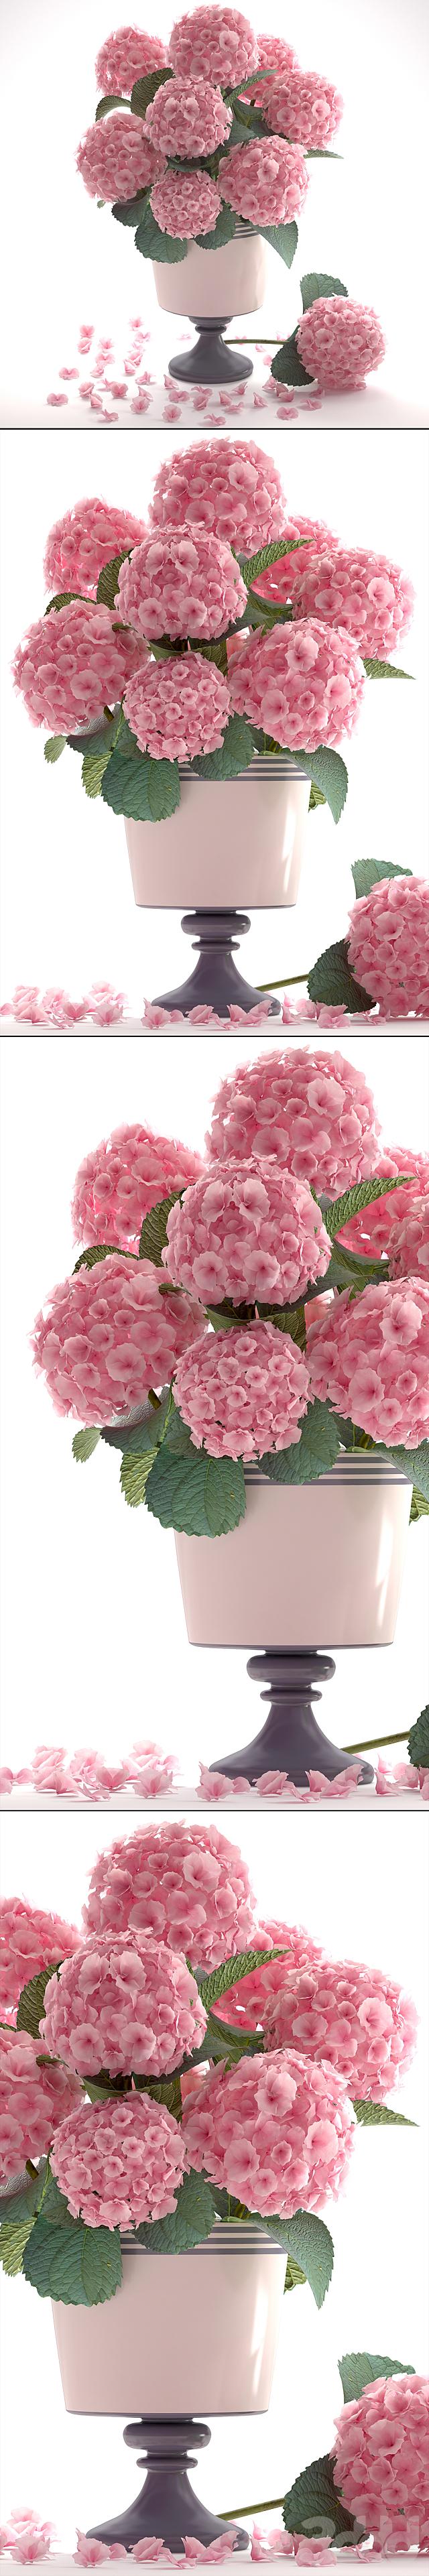 Коллекция цветов 53. Гортензия.